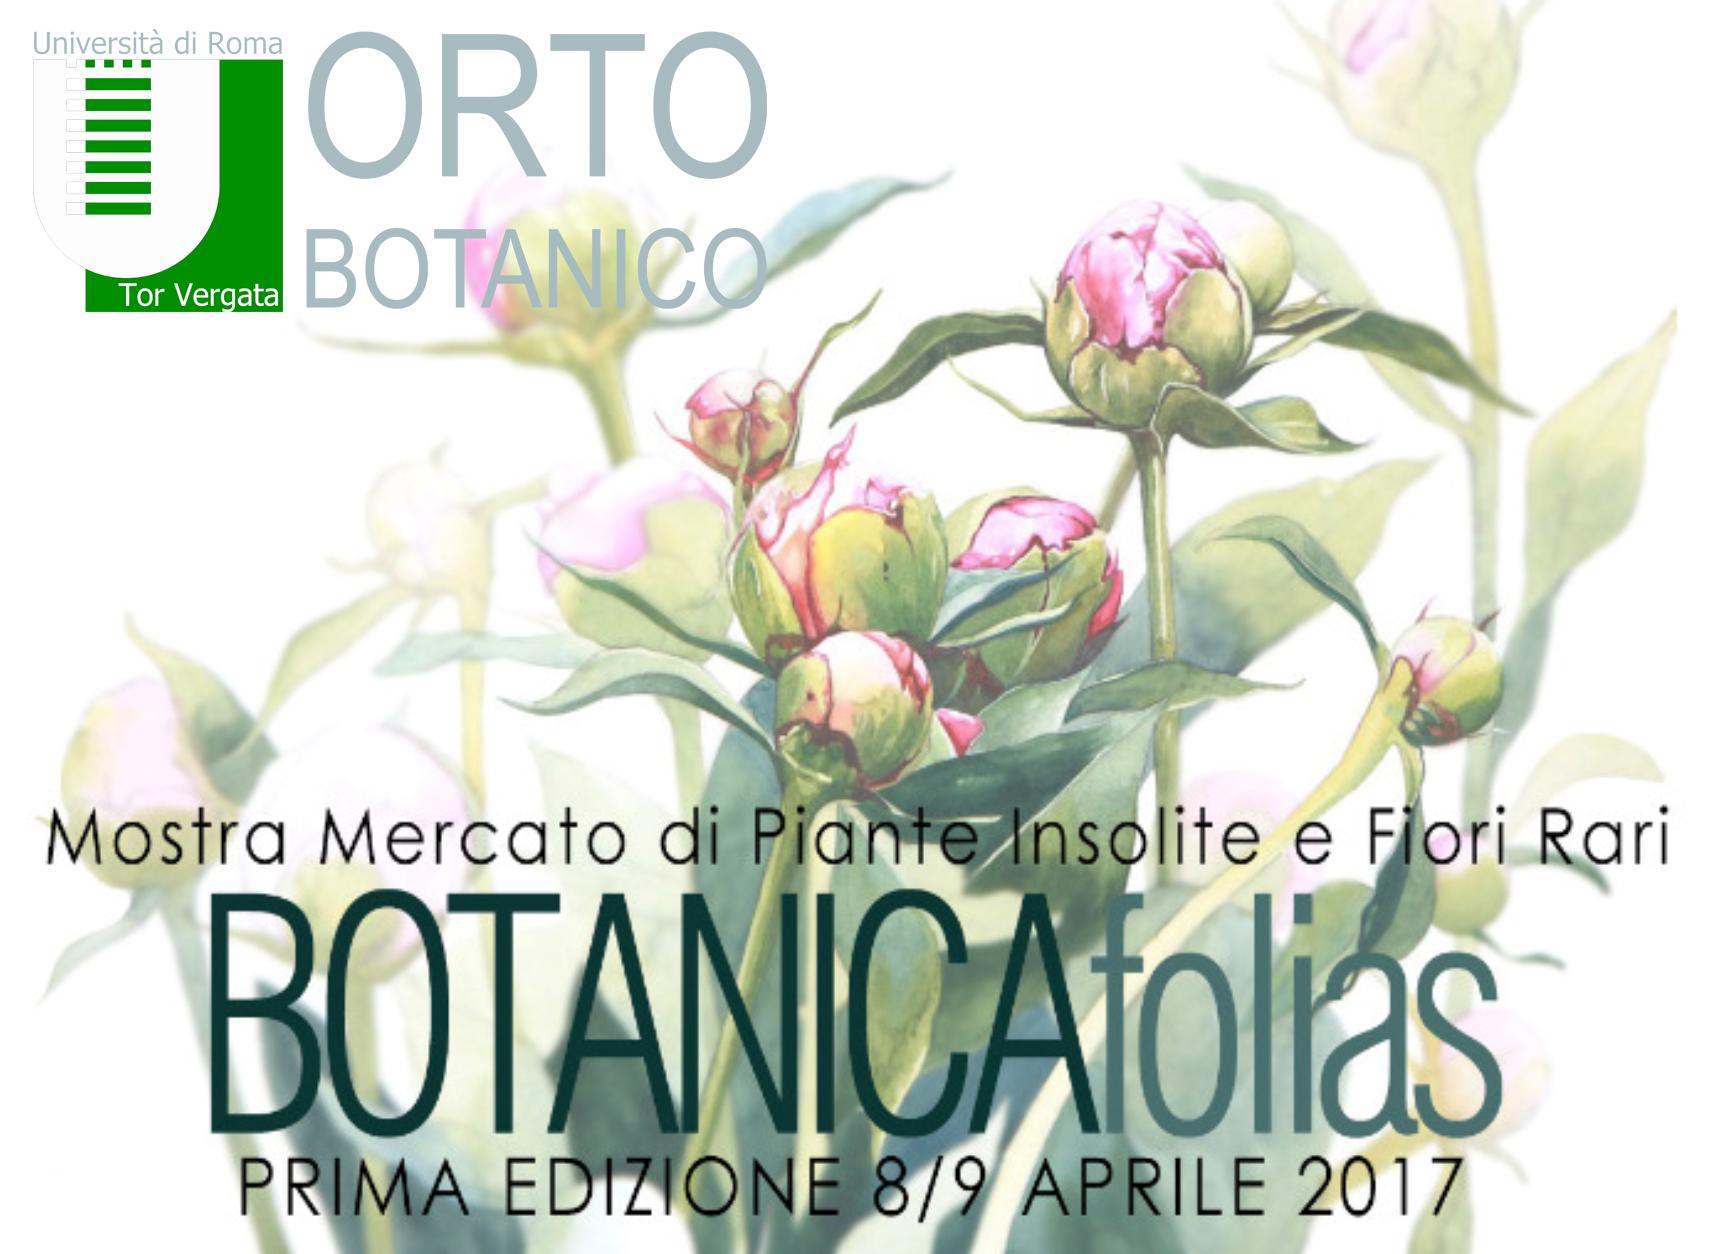 BOTANICAfolias